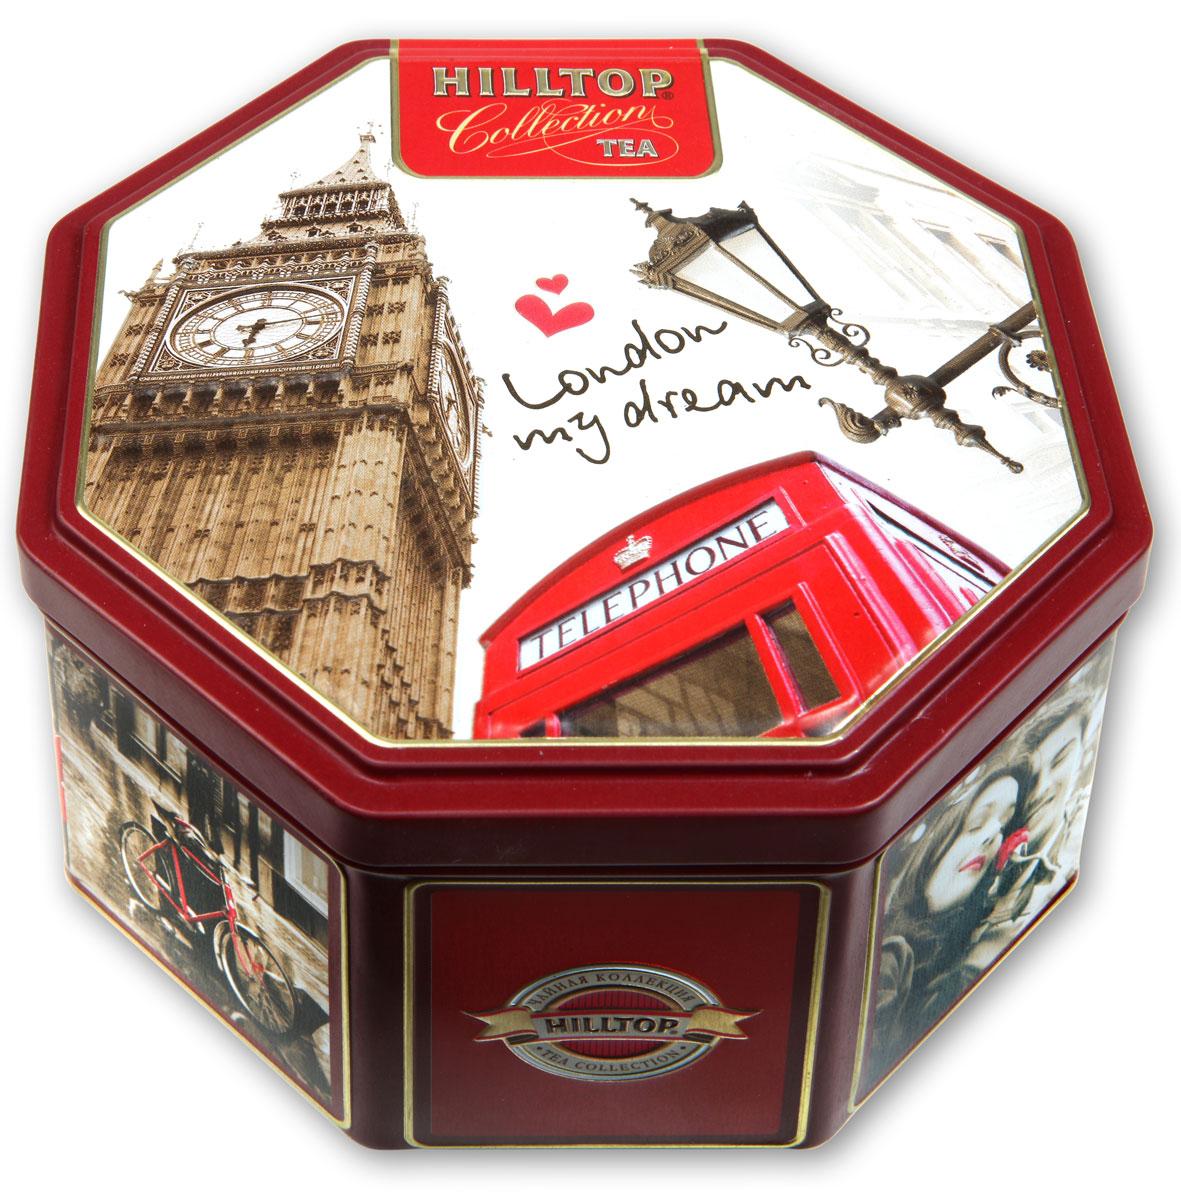 Hilltop Прогулки по Лондону черный листовой чай, 150 г4607099303331Hilltop Прогулки по Лондону - особо крупнолистовой цейлонский черный чай с насыщенным ароматом и терпким вкусом.Всё о чае: сорта, факты, советы по выбору и употреблению. Статья OZON Гид